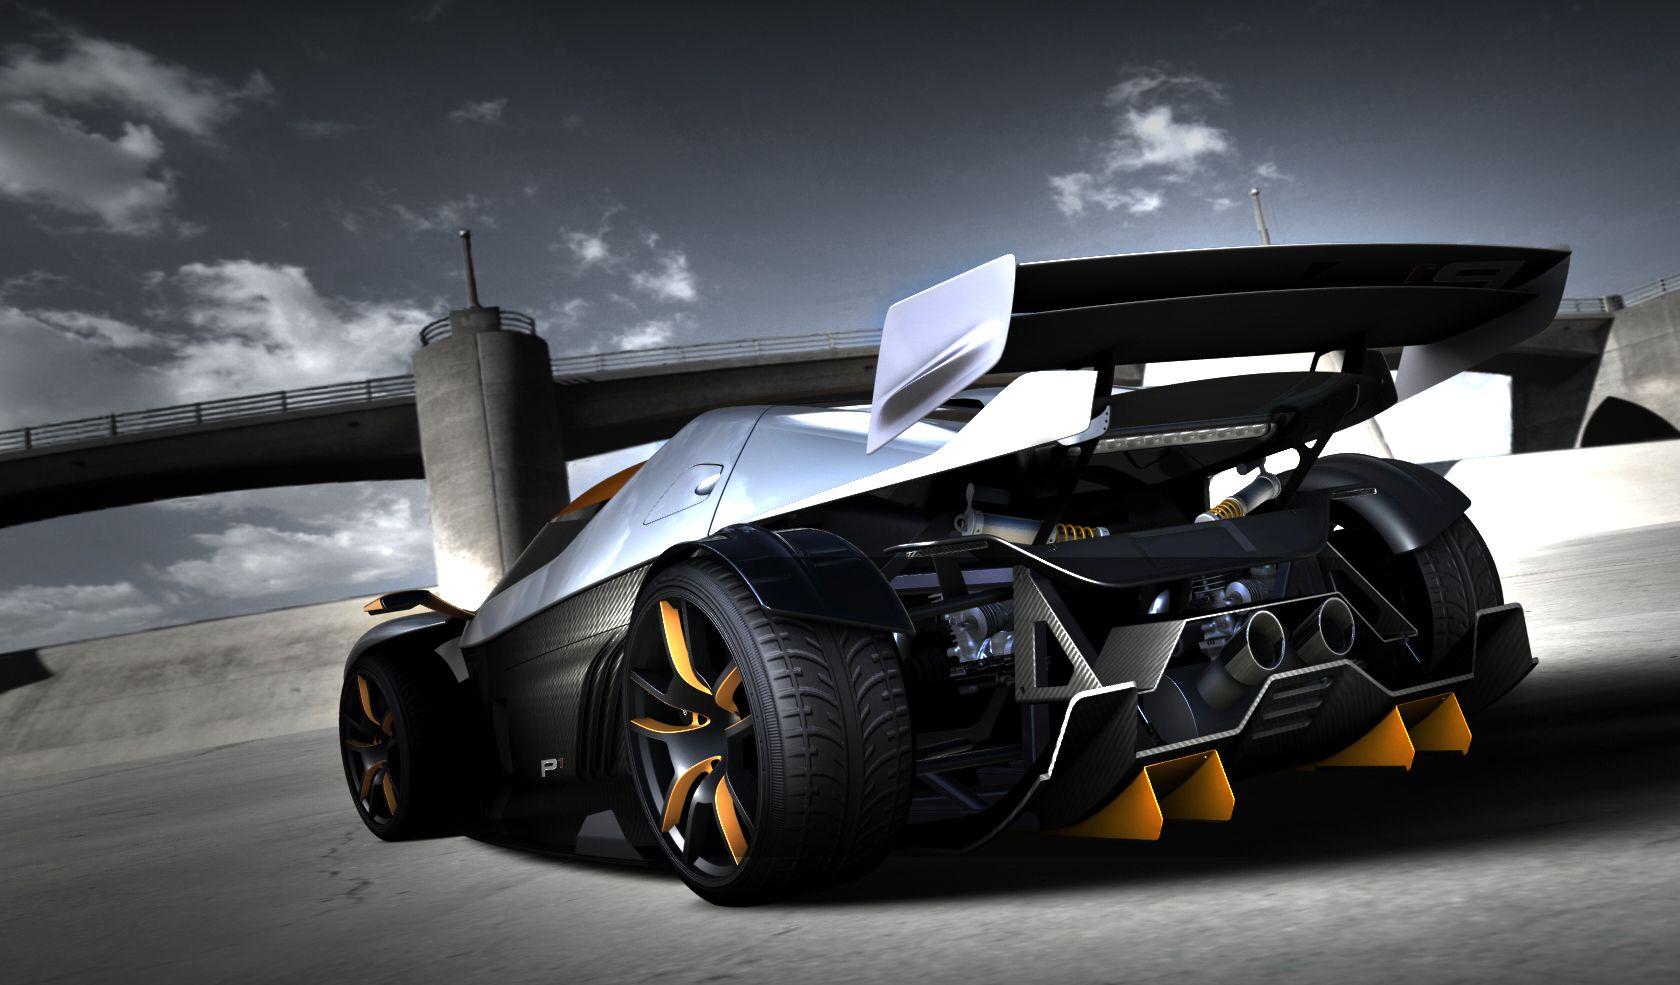 Donto P1 Ktm, Ariel atom, Super cars